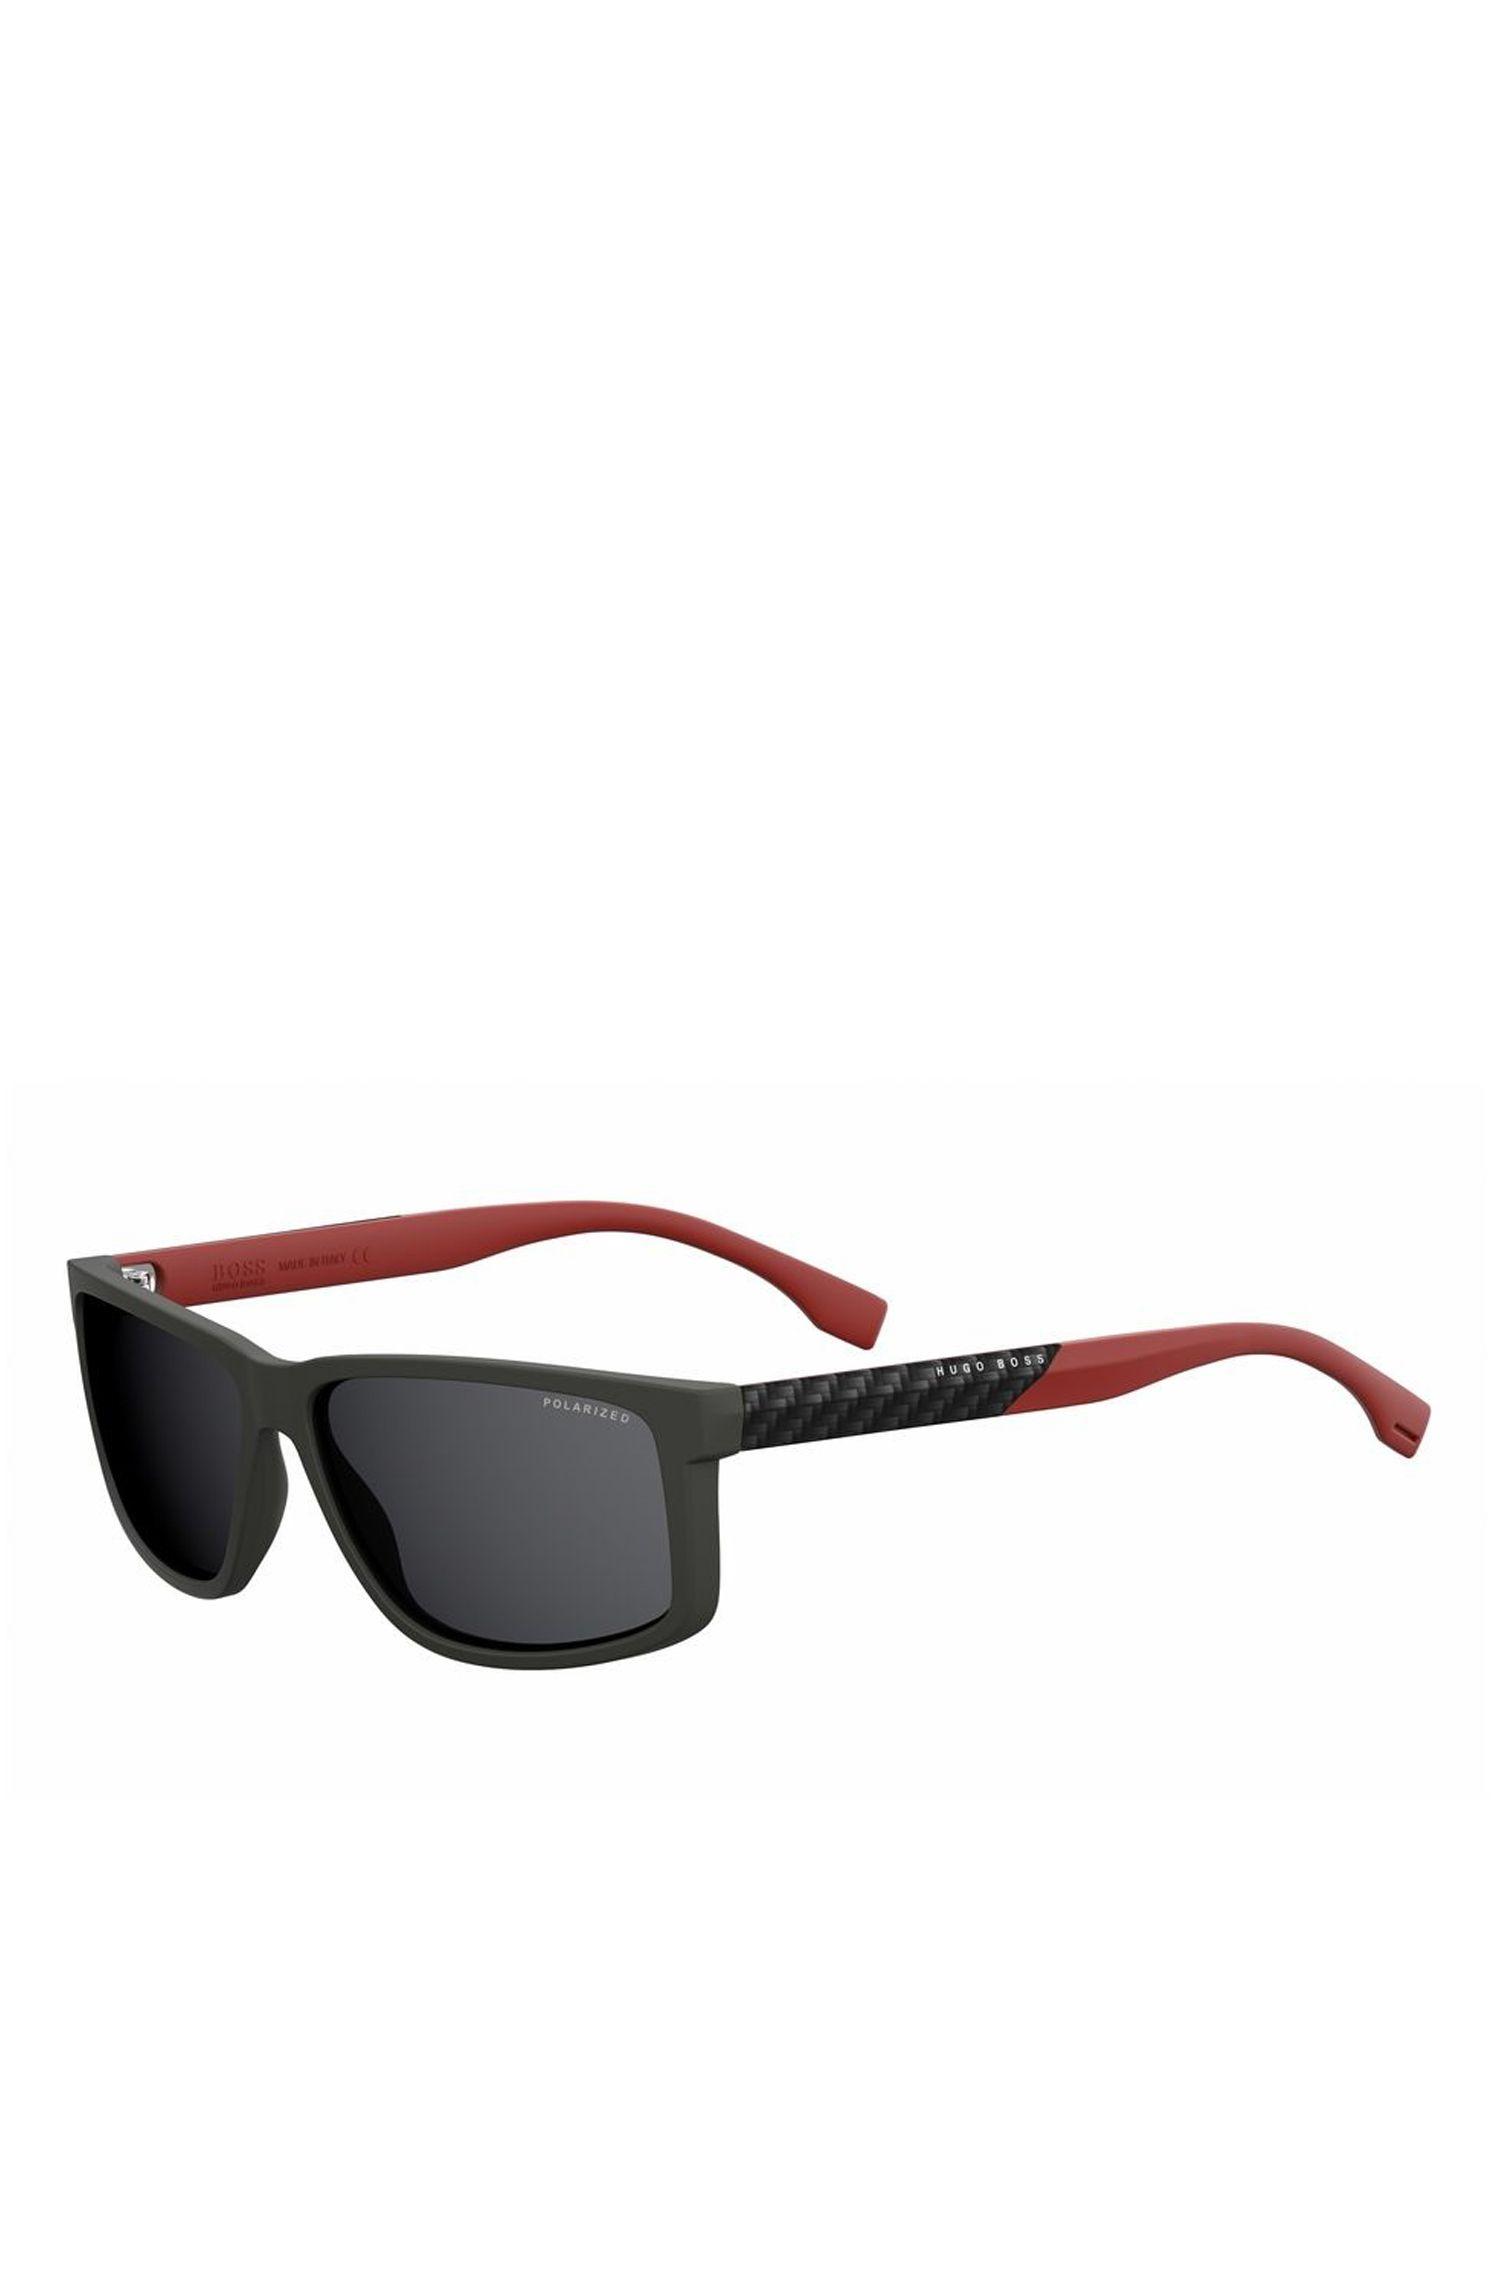 Rectangular Black Lens Carbon Fiber Sunglasses | BOSS 0833S